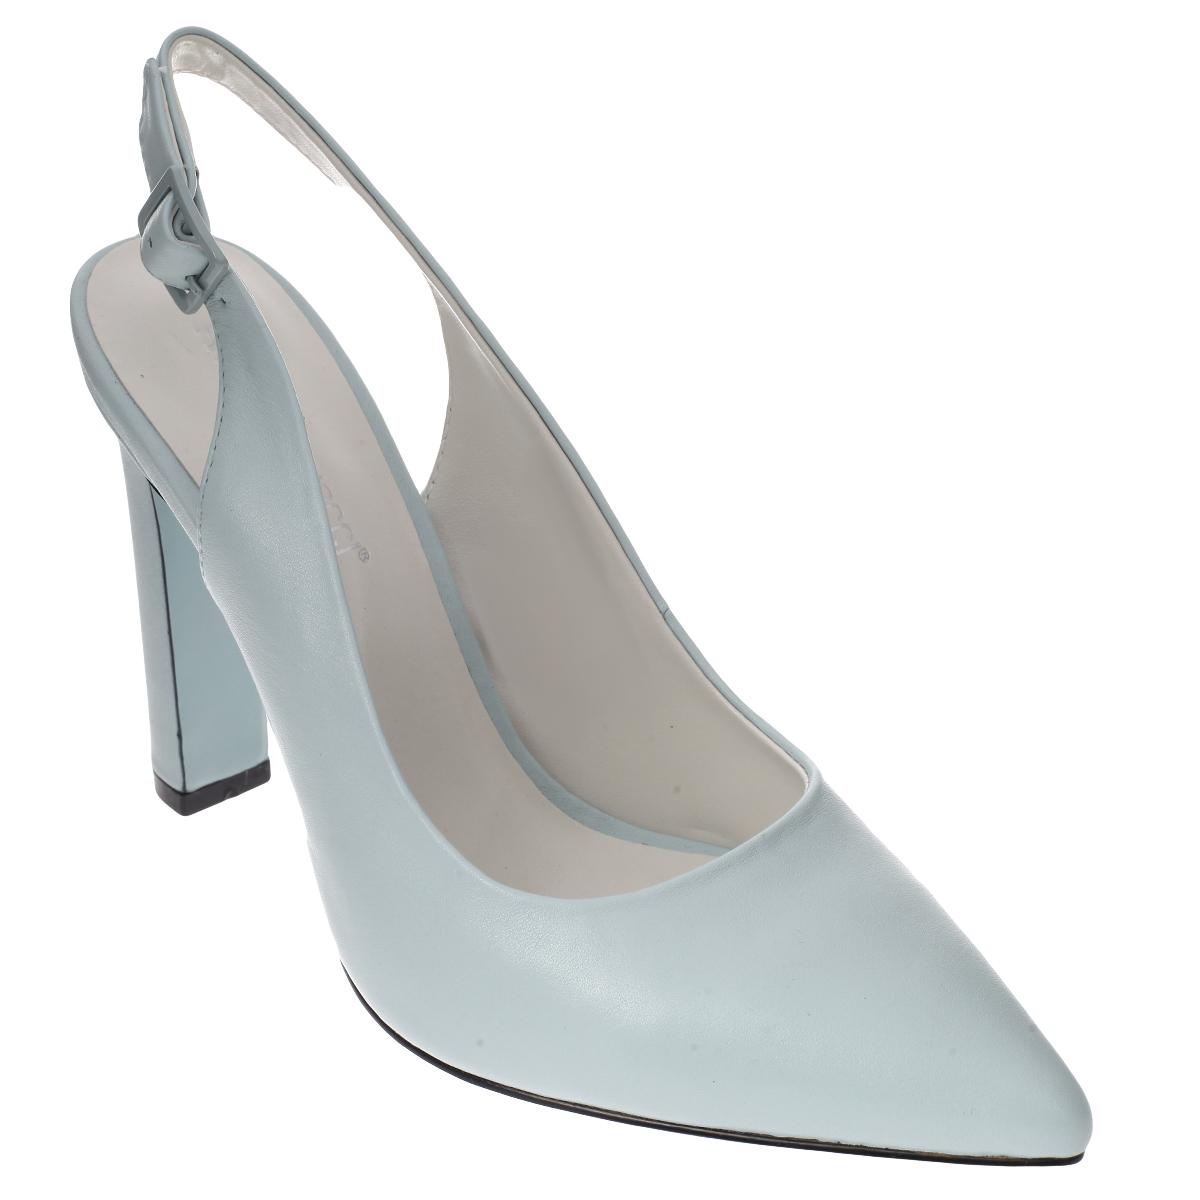 Туфли женские. 5269652696Трендовые женские туфли от Antonio Biaggi не оставят вас незамеченной! Модель выполнена из высококачественной натуральной кожи. Зауженный носок смотрится женственно. Ремешок с металлической пряжкой квадратной формы надежно зафиксирует модель на вашей щиколотке. Длина ремешка регулируется за счет болта. Стелька и подкладка из натуральной кожи обеспечивают комфорт при движении. Ультравысокий каблук компенсирован скрытой платформой. Подошва и каблук дополнены противоскользящим рифлением. Очаровательные туфли подчеркнут вашу утонченную натуру.